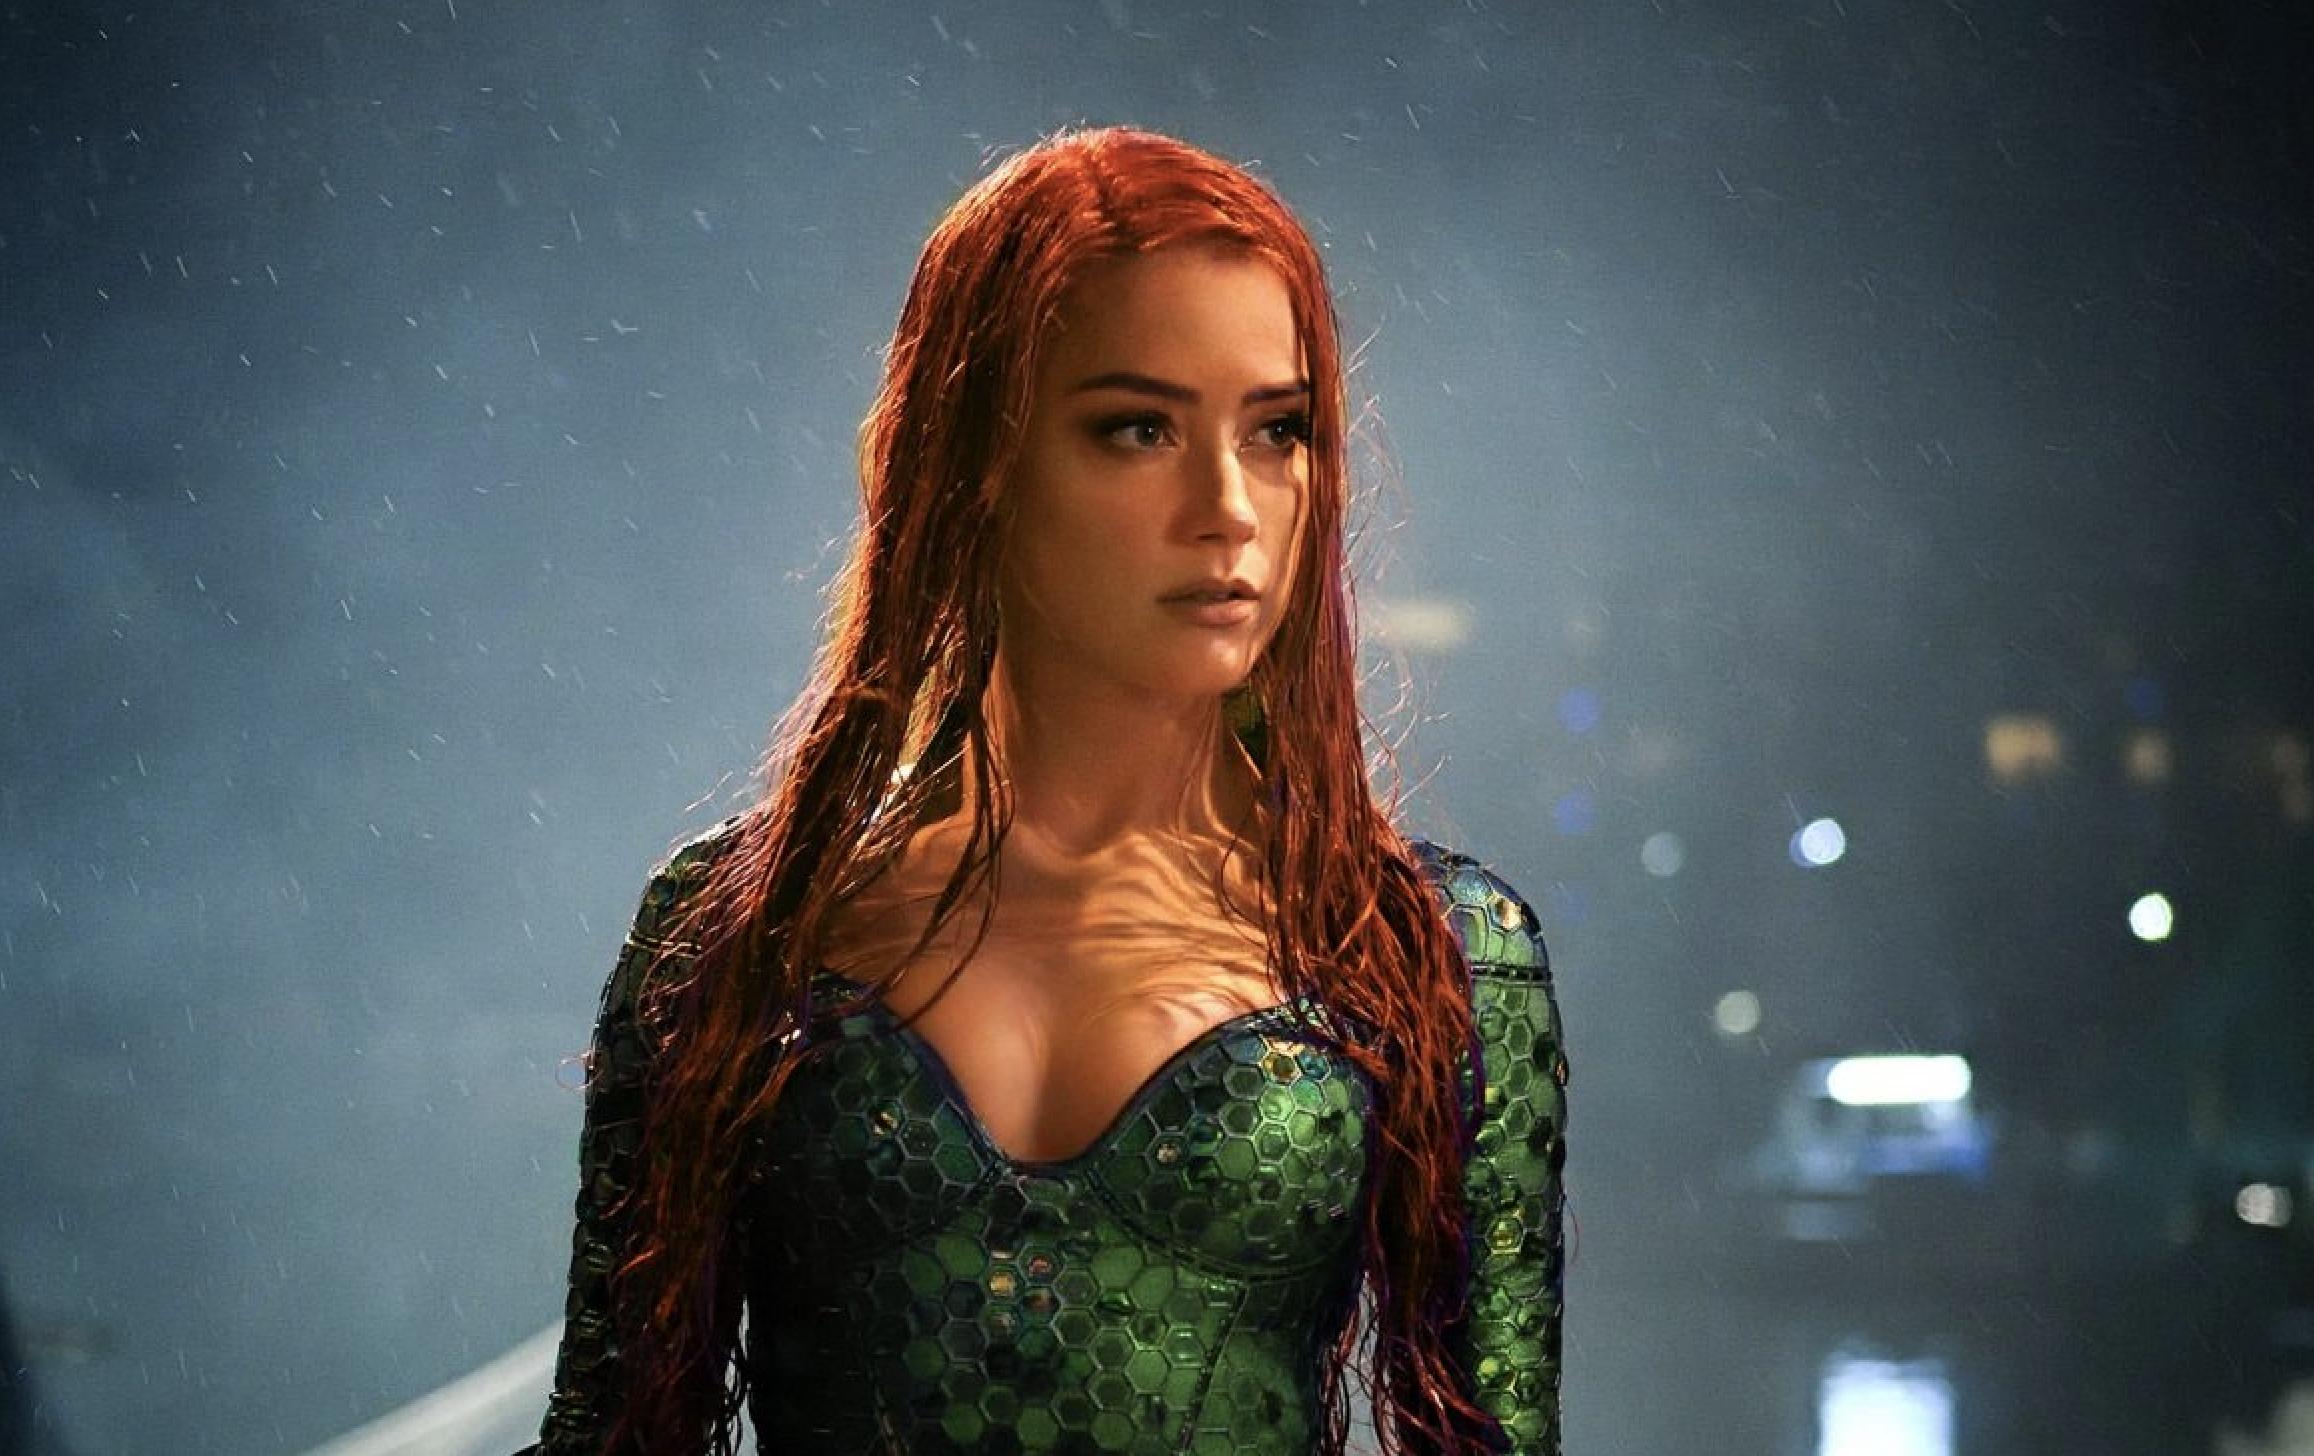 Heard will return as Mera for 'Aquaman 2'.